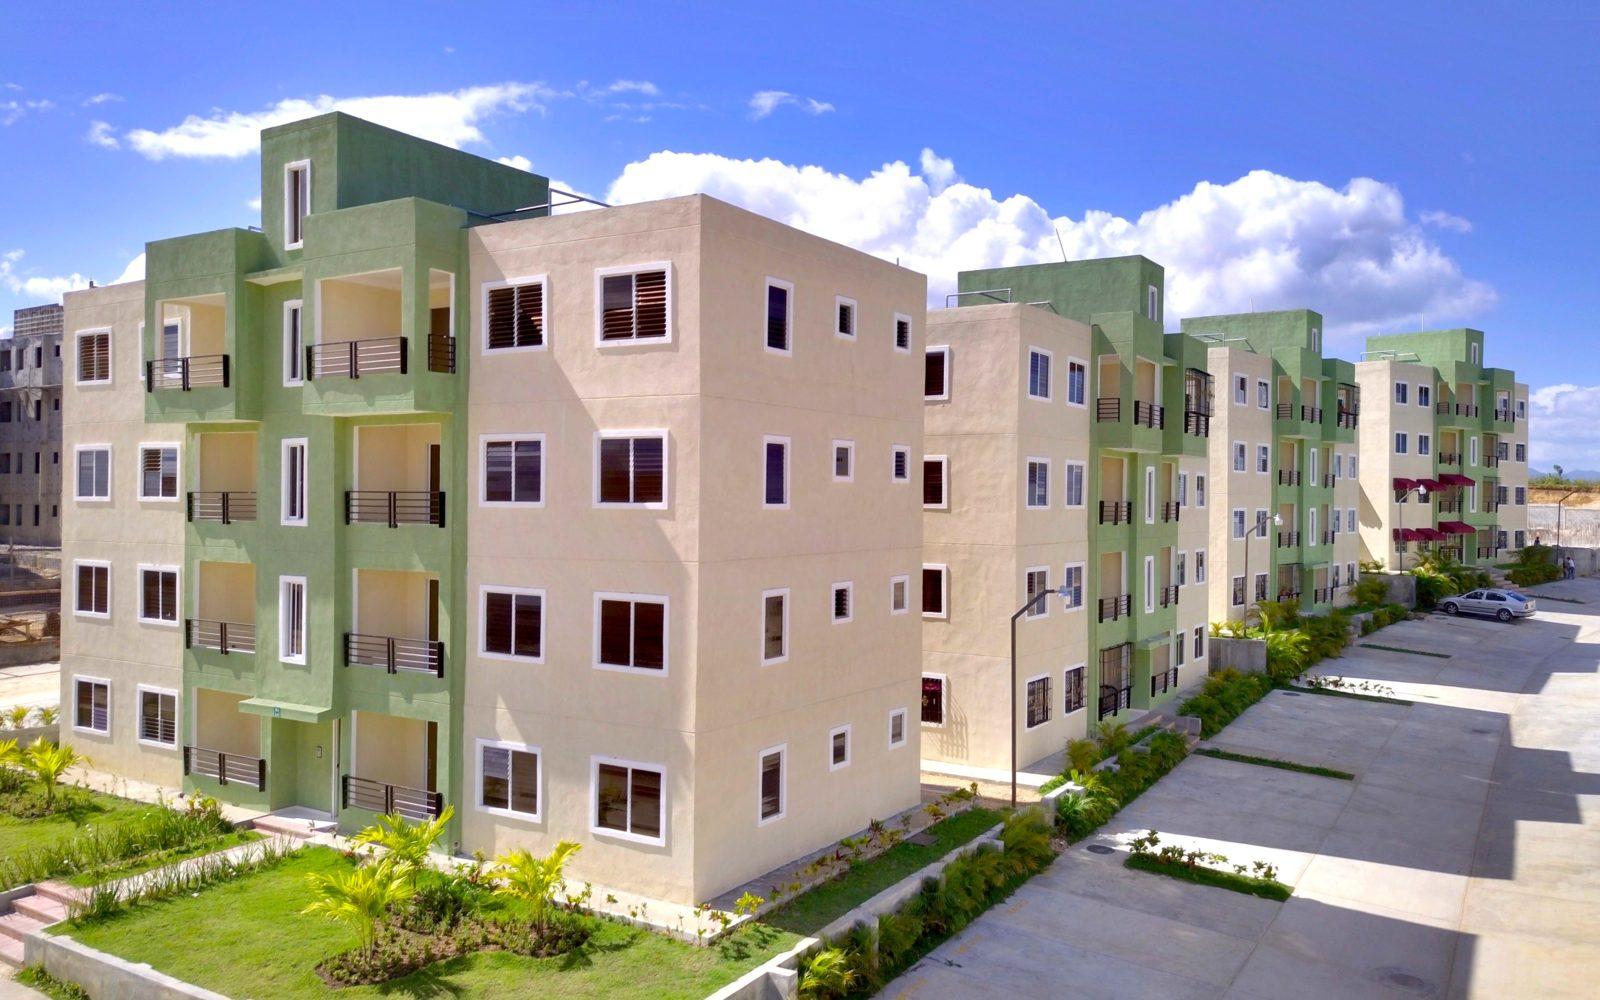 Construcción de viviendas crece 9,3% en el primer trimestre